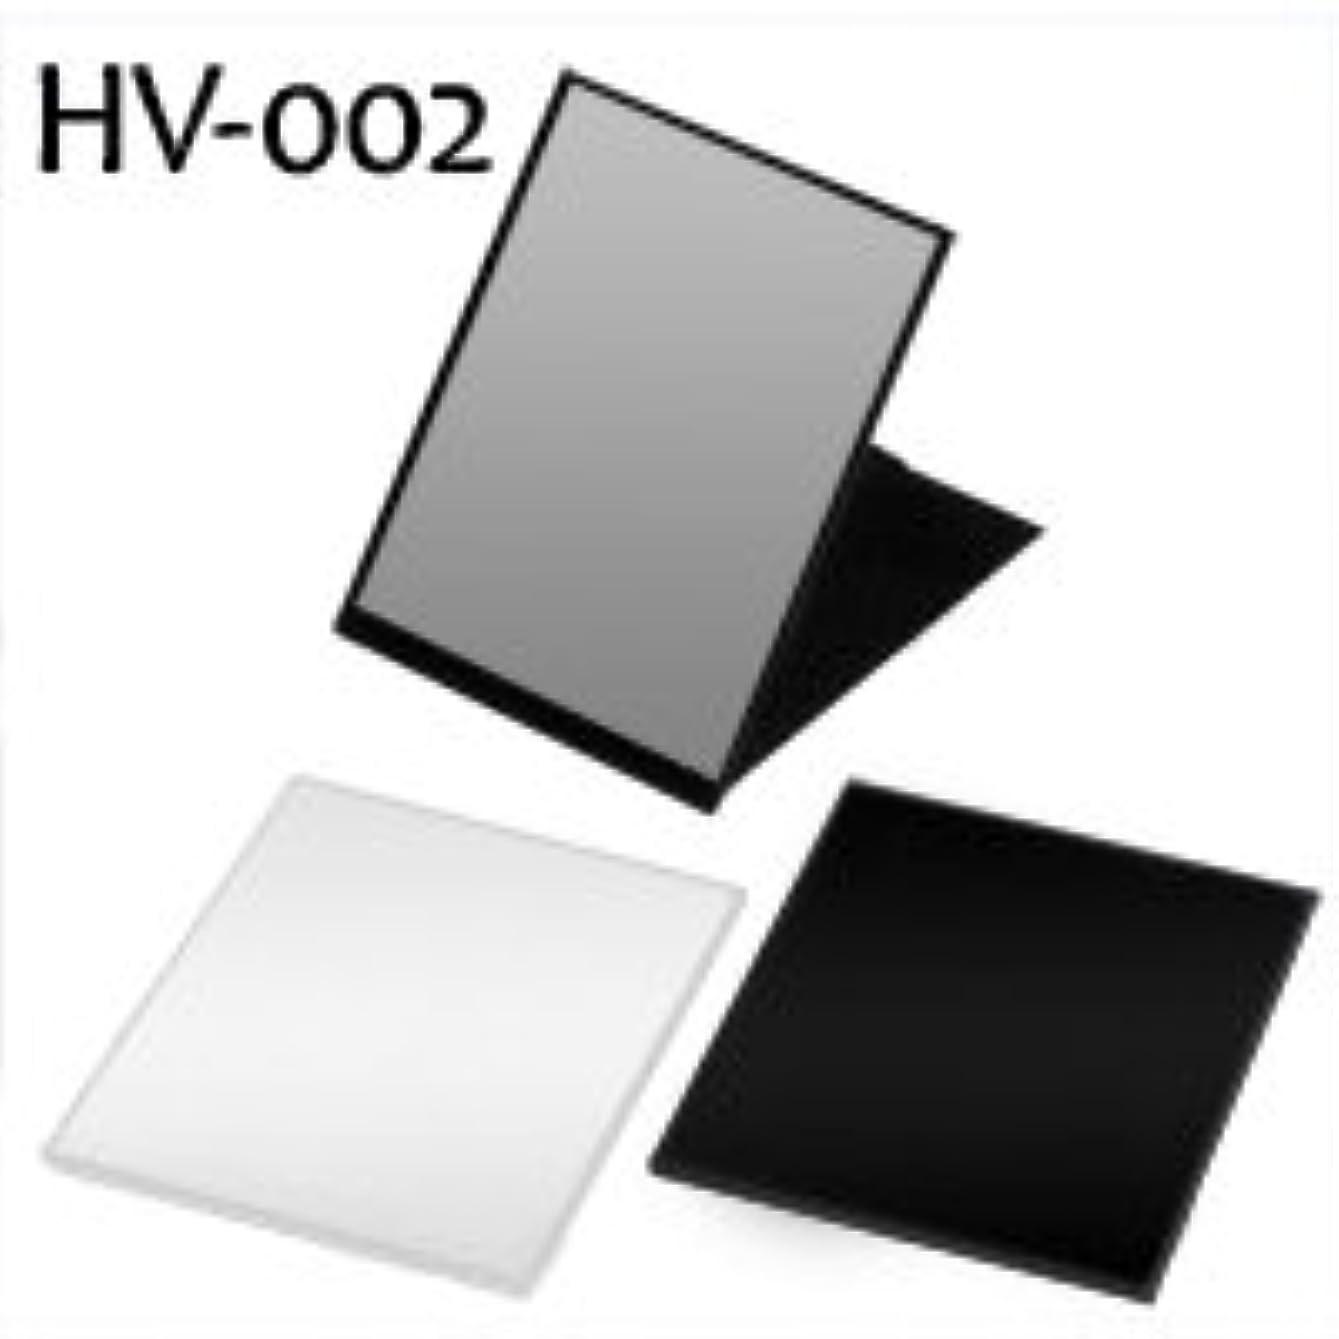 強化する言い聞かせるビンハイパービュースリム&ライトコンパクトミラー(L) HV-002 ホワイト